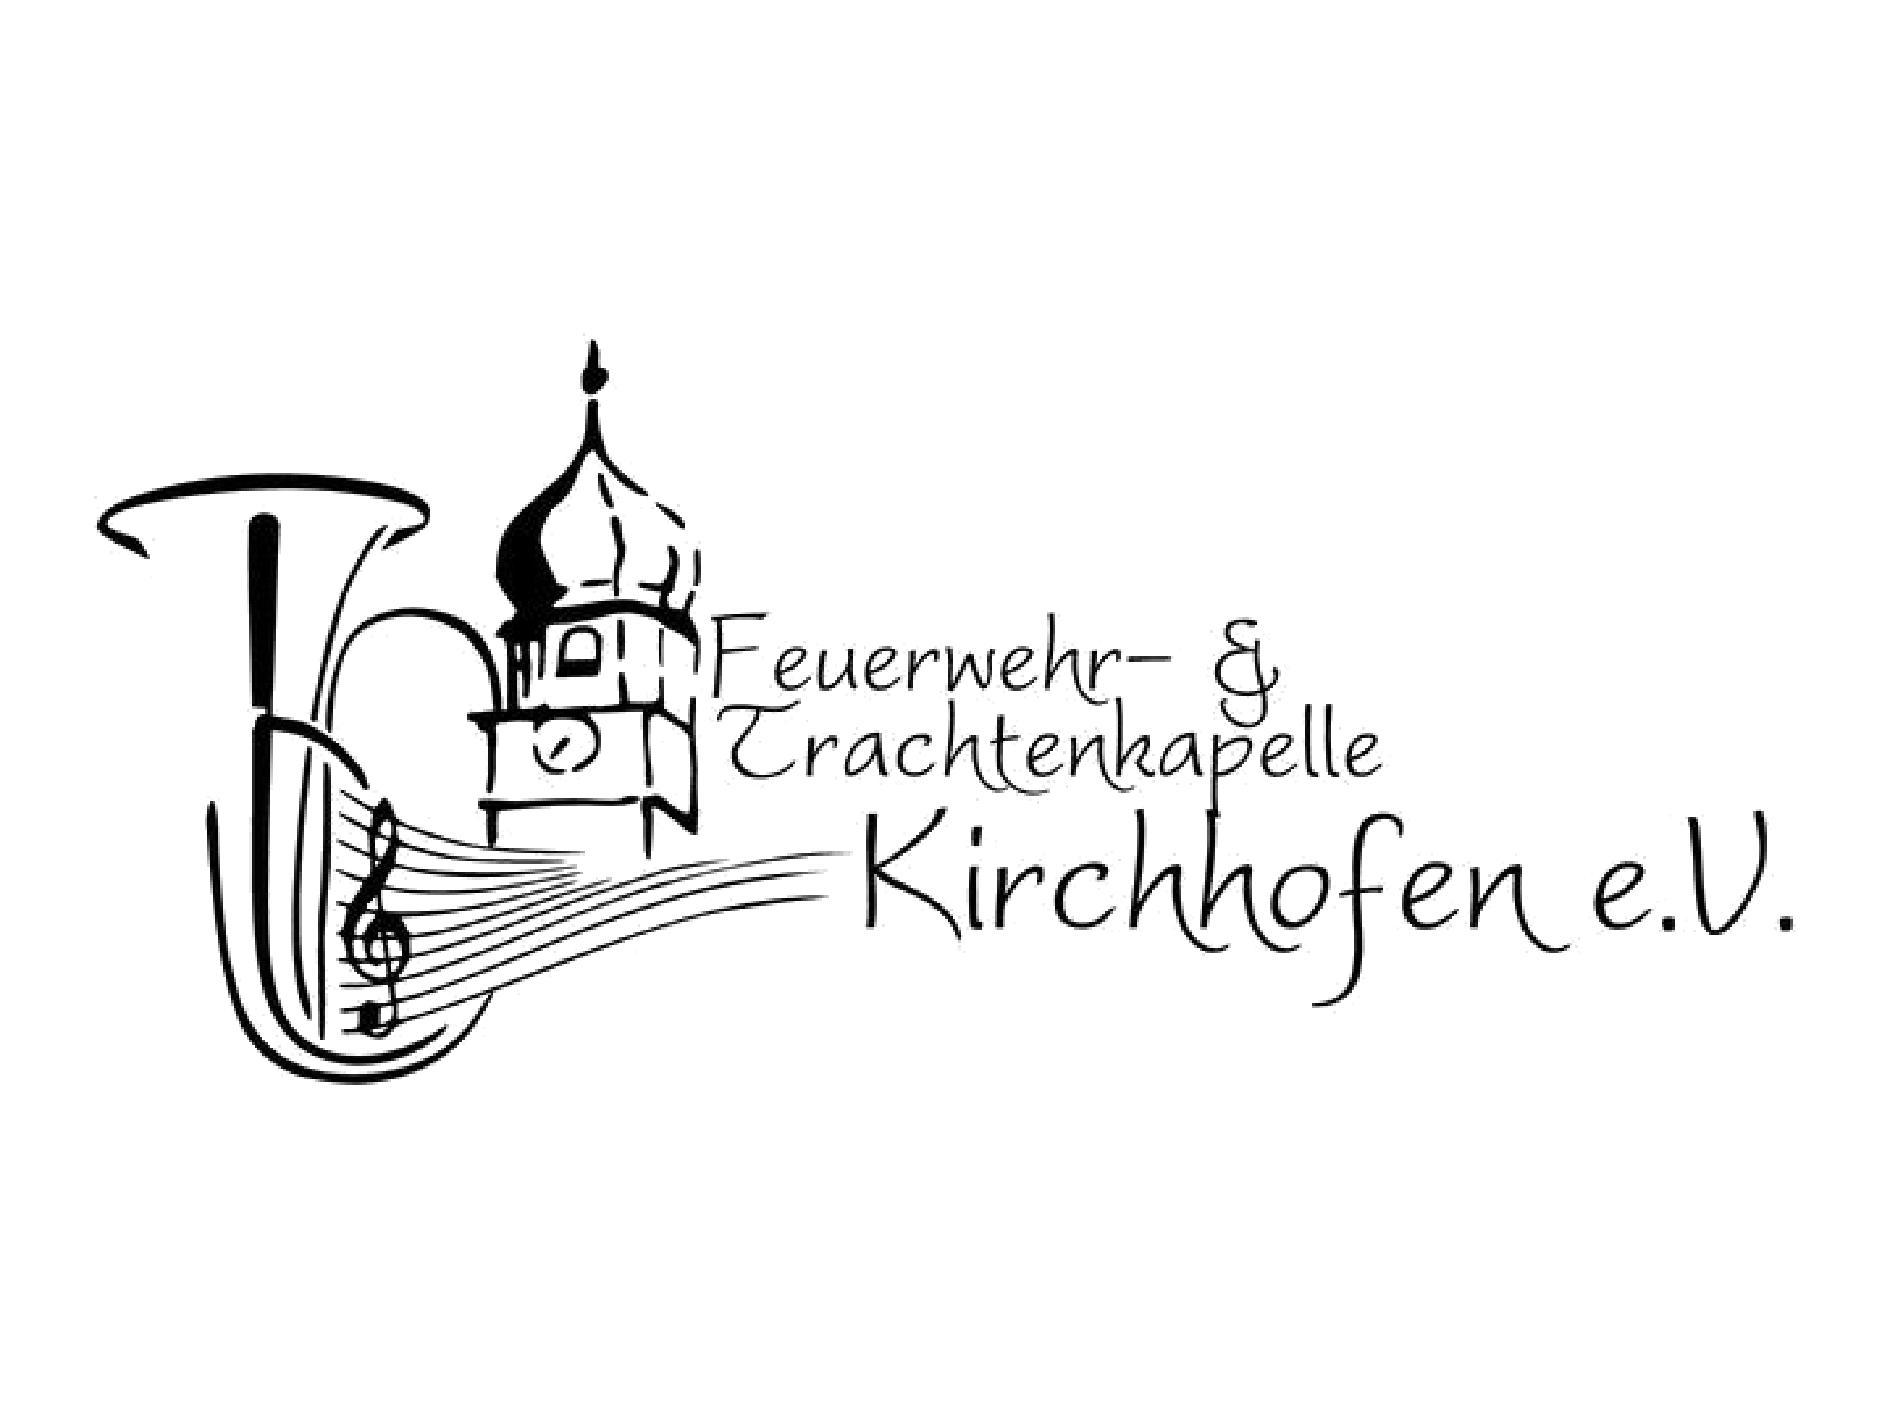 Feuerwehr- und Trachtenkapelle Kirchhofen